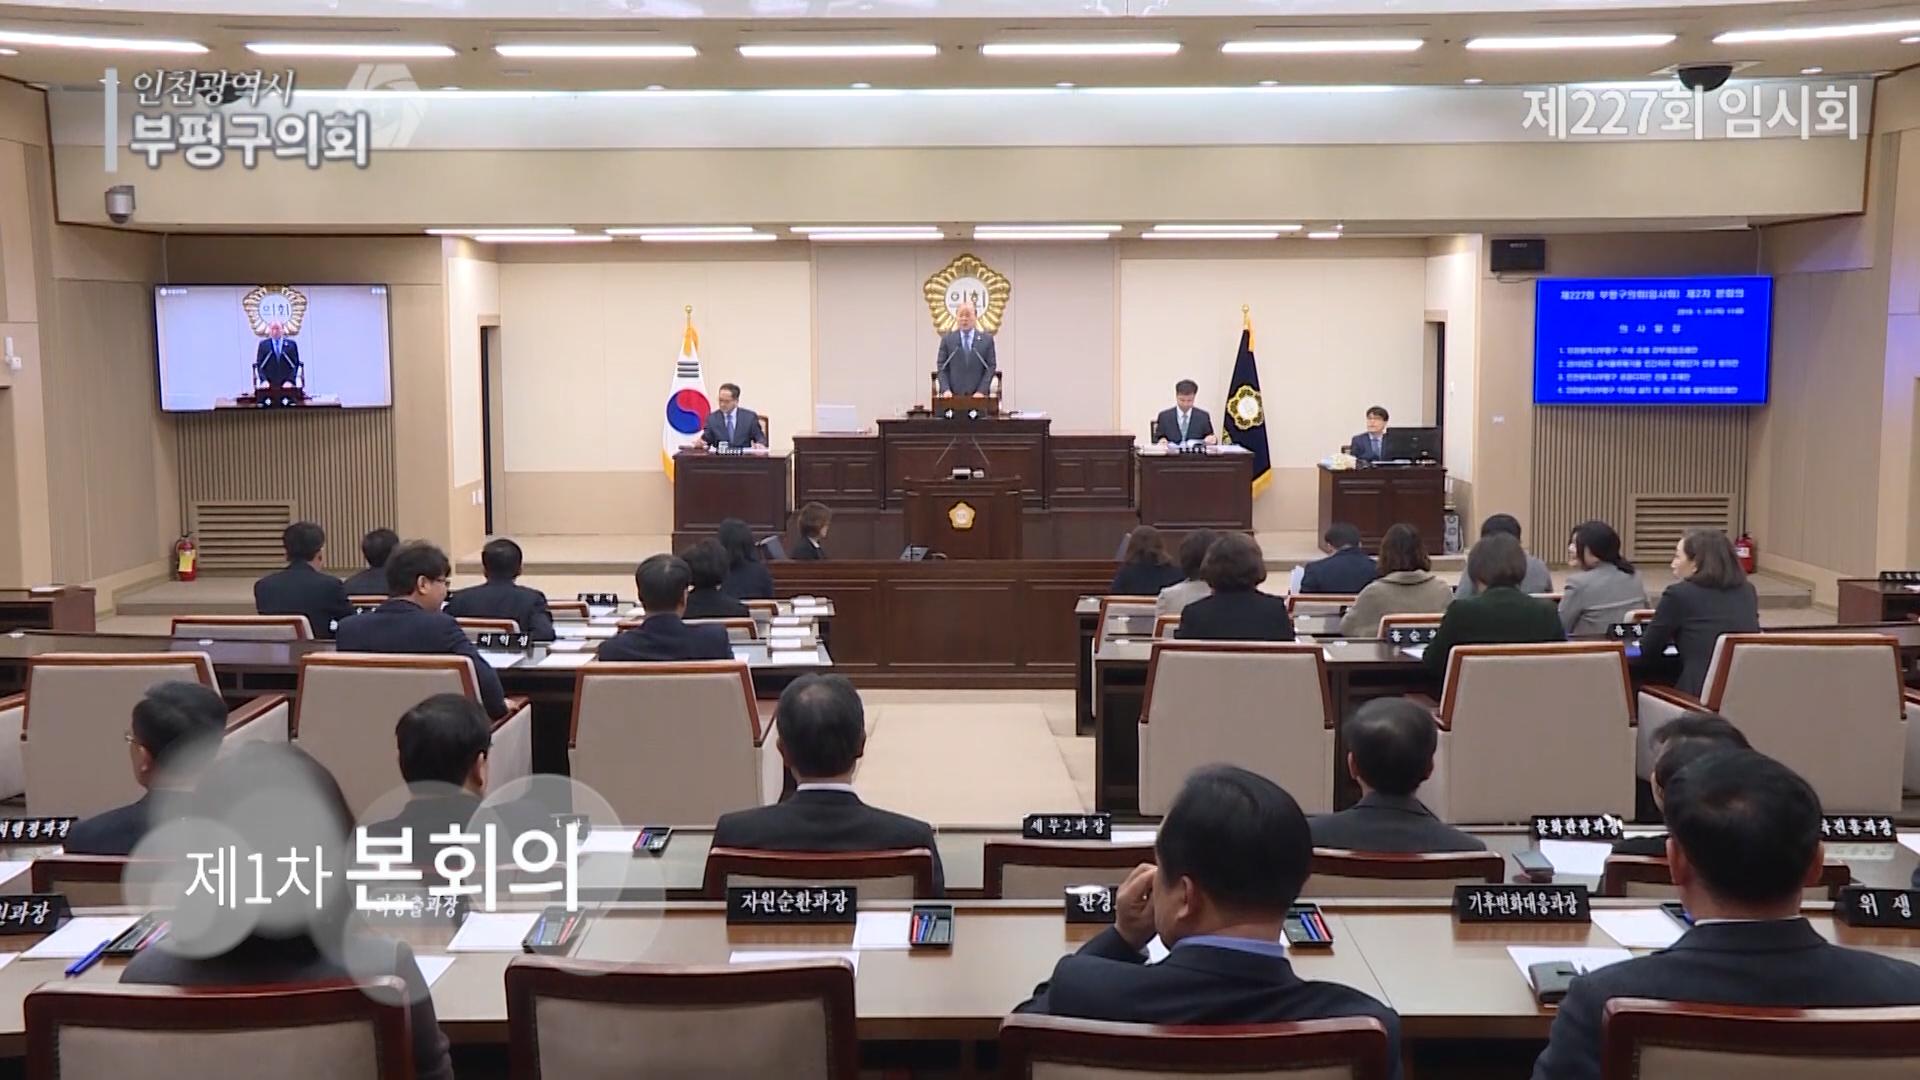 2019 의정돋보기 1회 <제227회 부평구의회 임시회 안내> 대표이미지